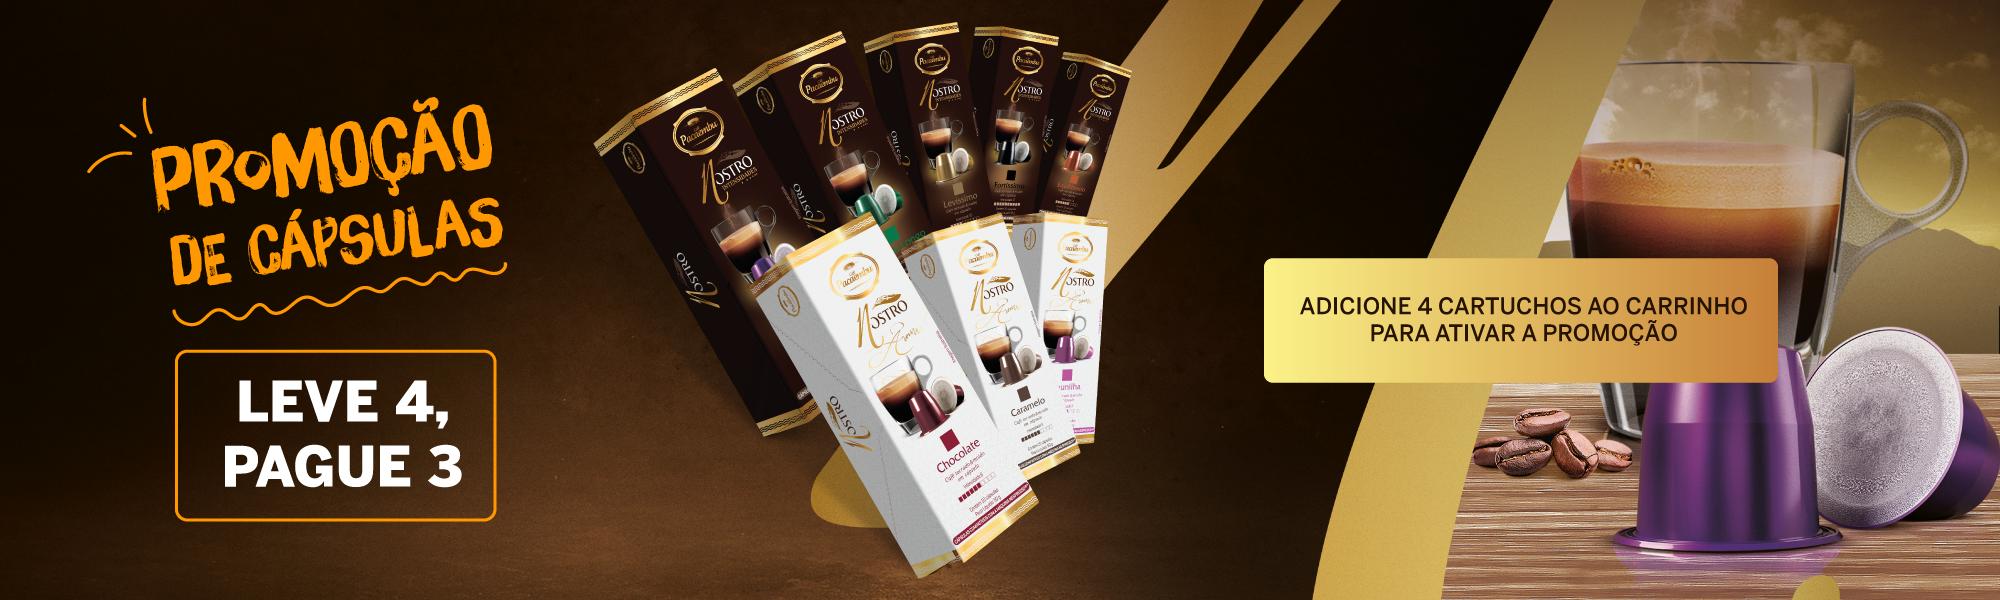 promoção capsula café pacaembu nespresso